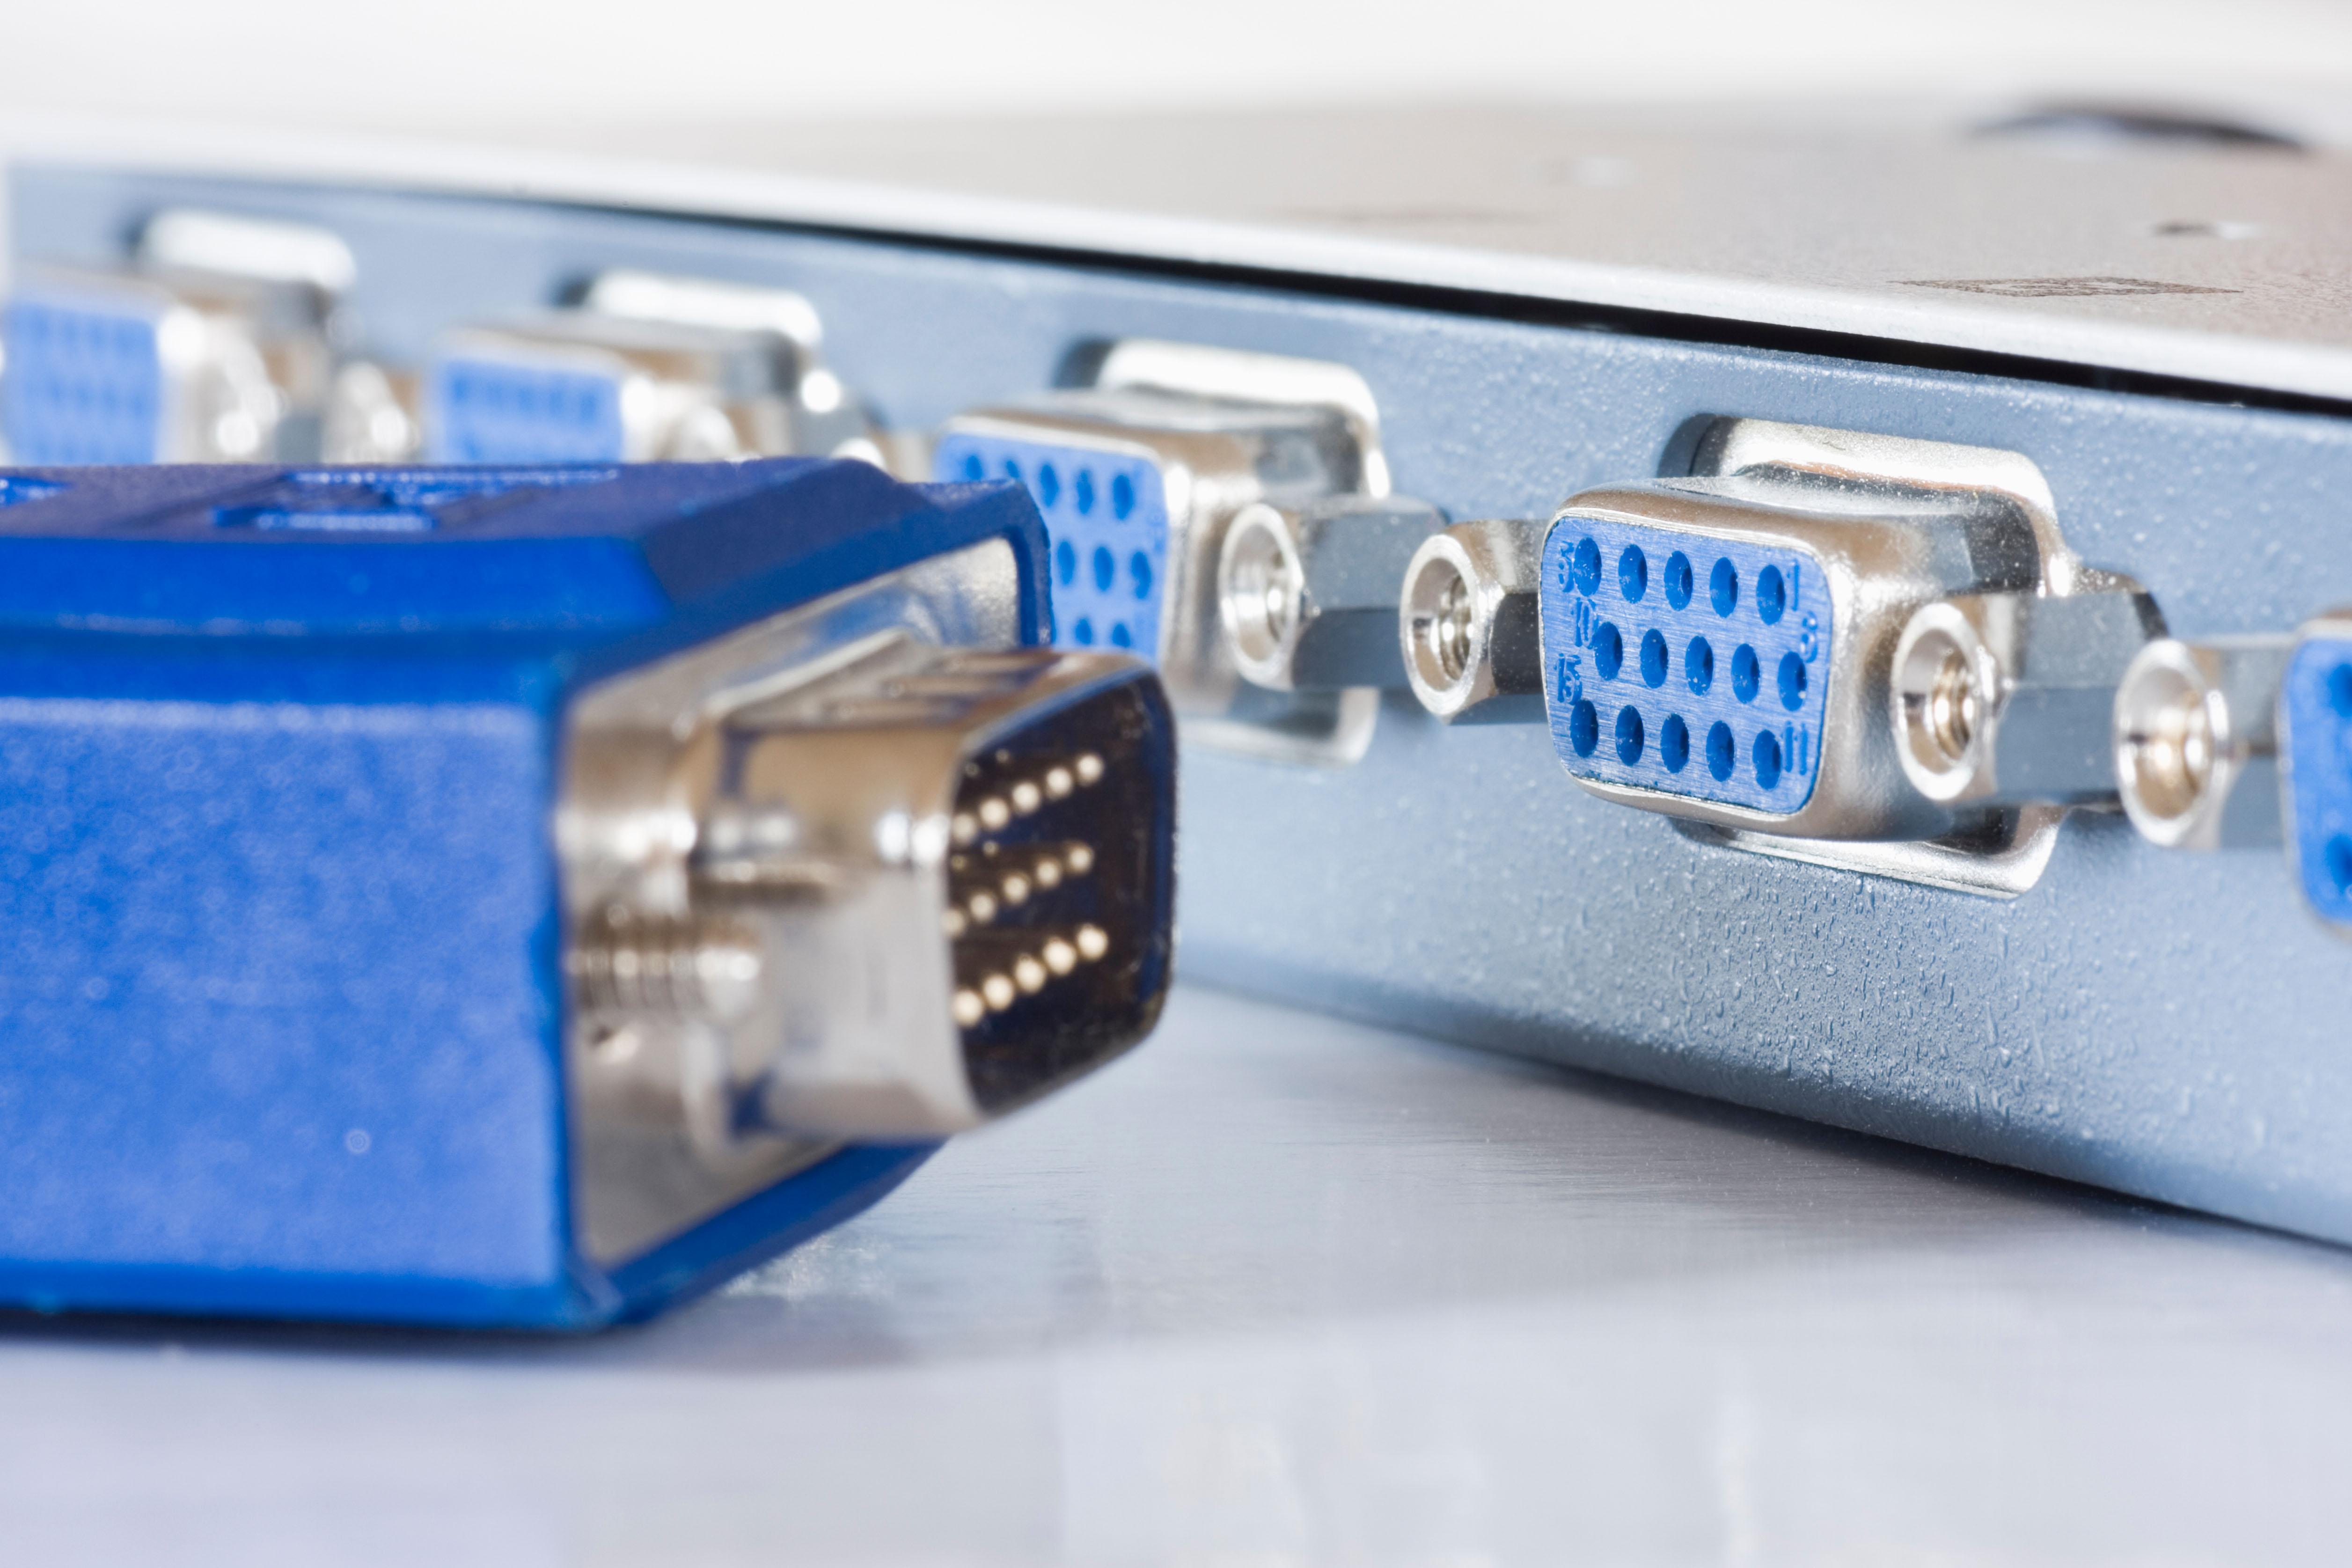 连接器产品制造商瑞可达(688800.SH)拟首次公开发行2700万股